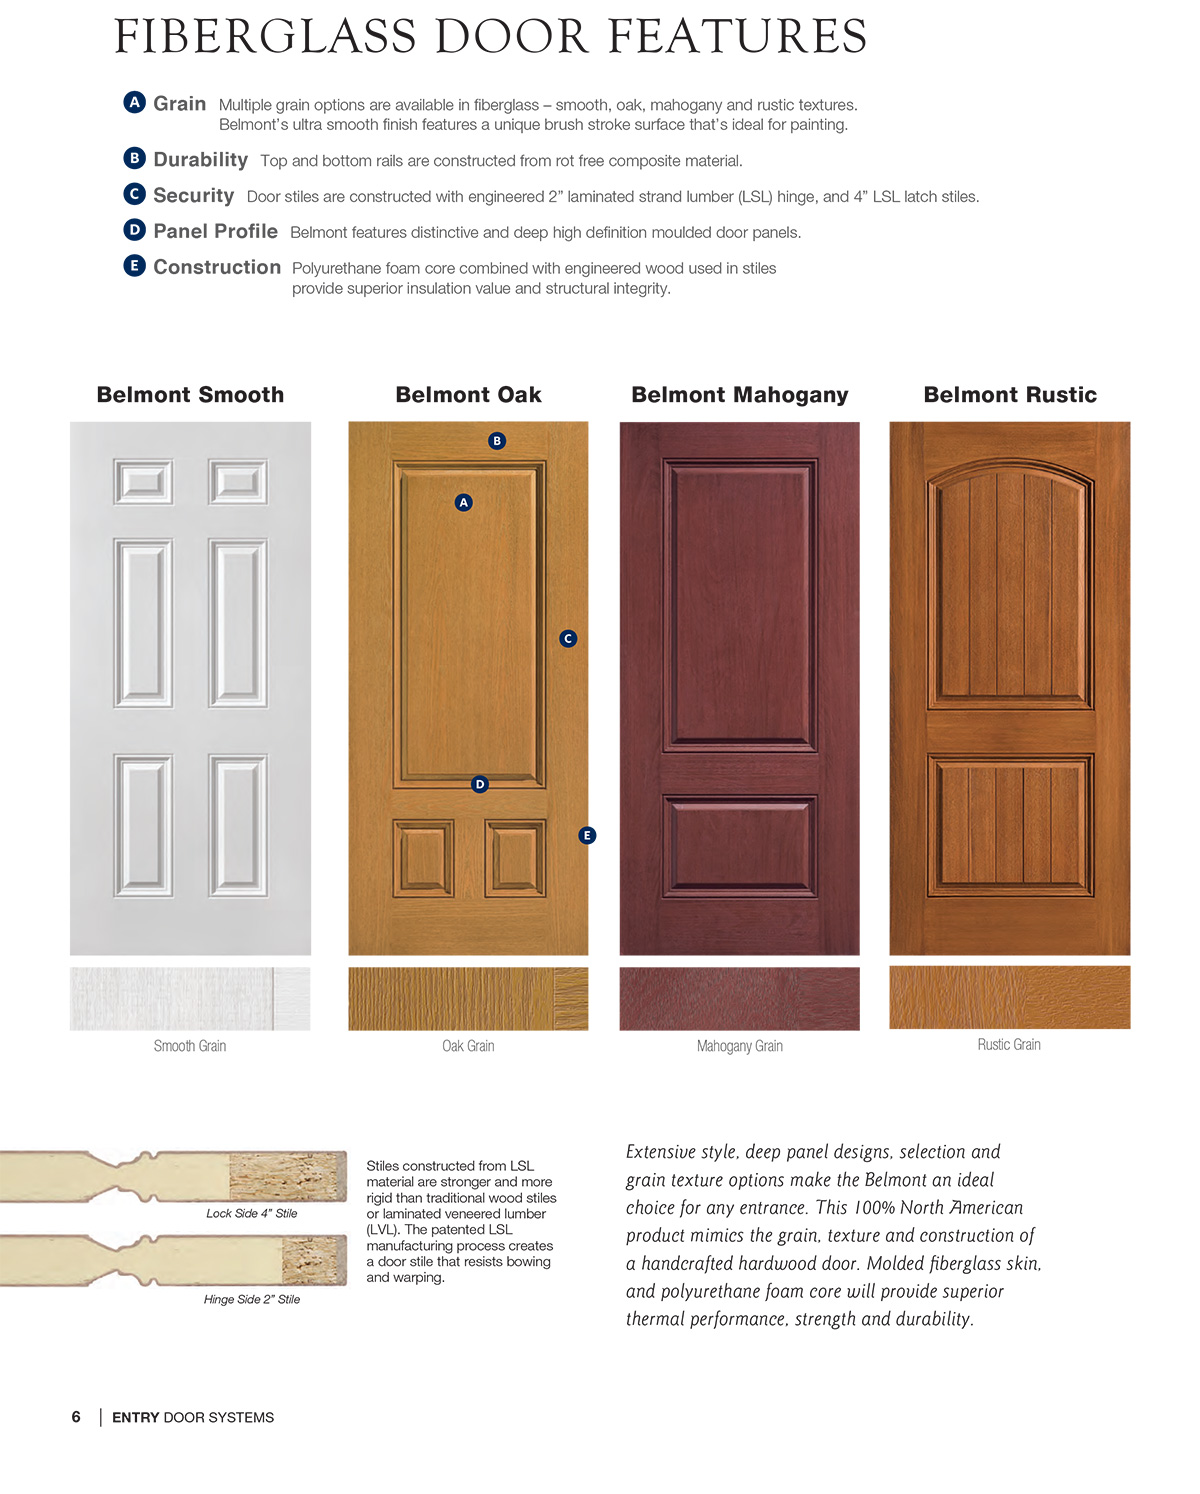 Fiberglass door features entry doors vinylguard fiberglass door features download the pdf planetlyrics Choice Image